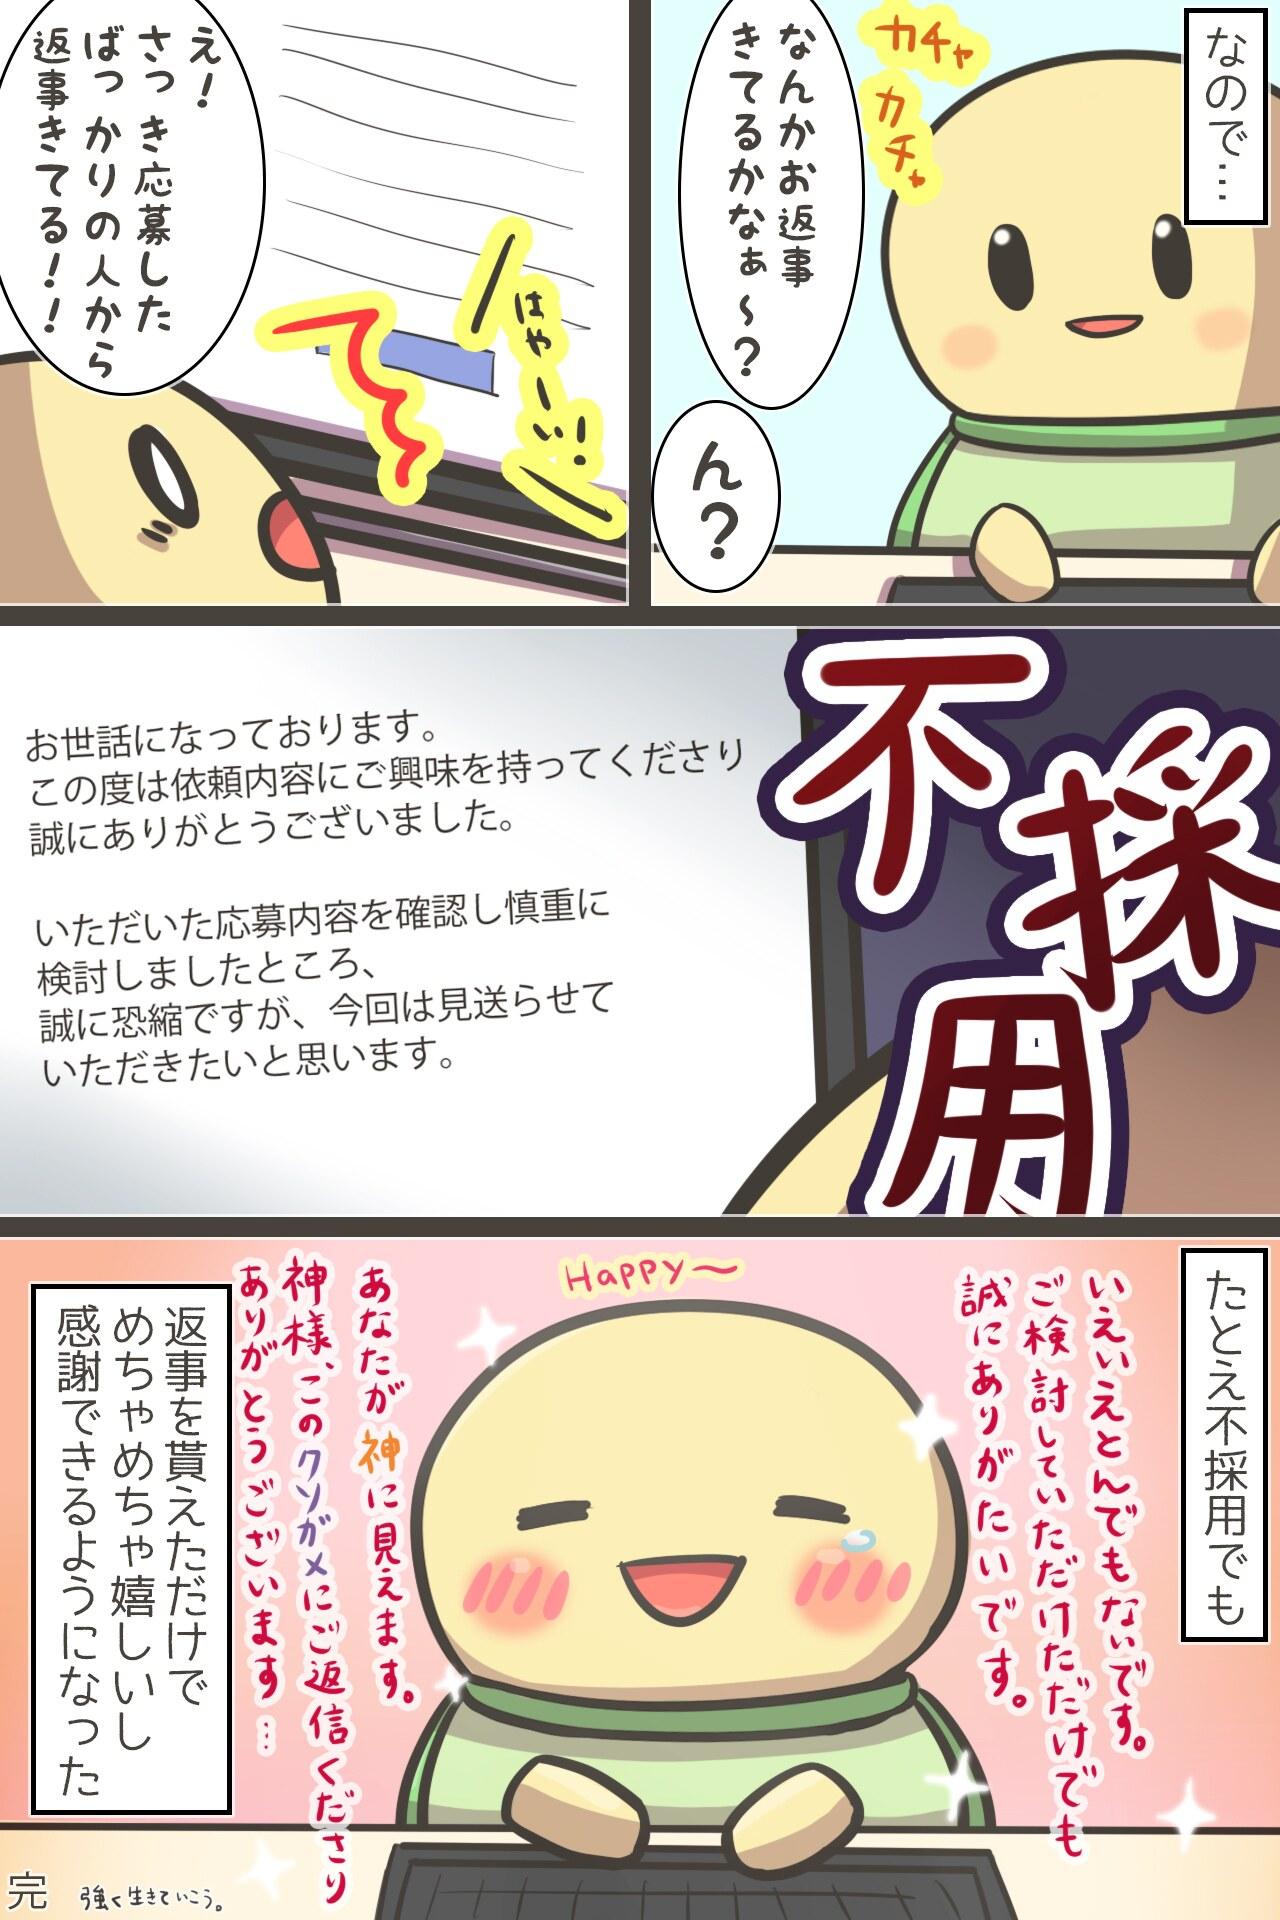 クラウドソーシングの漫画2